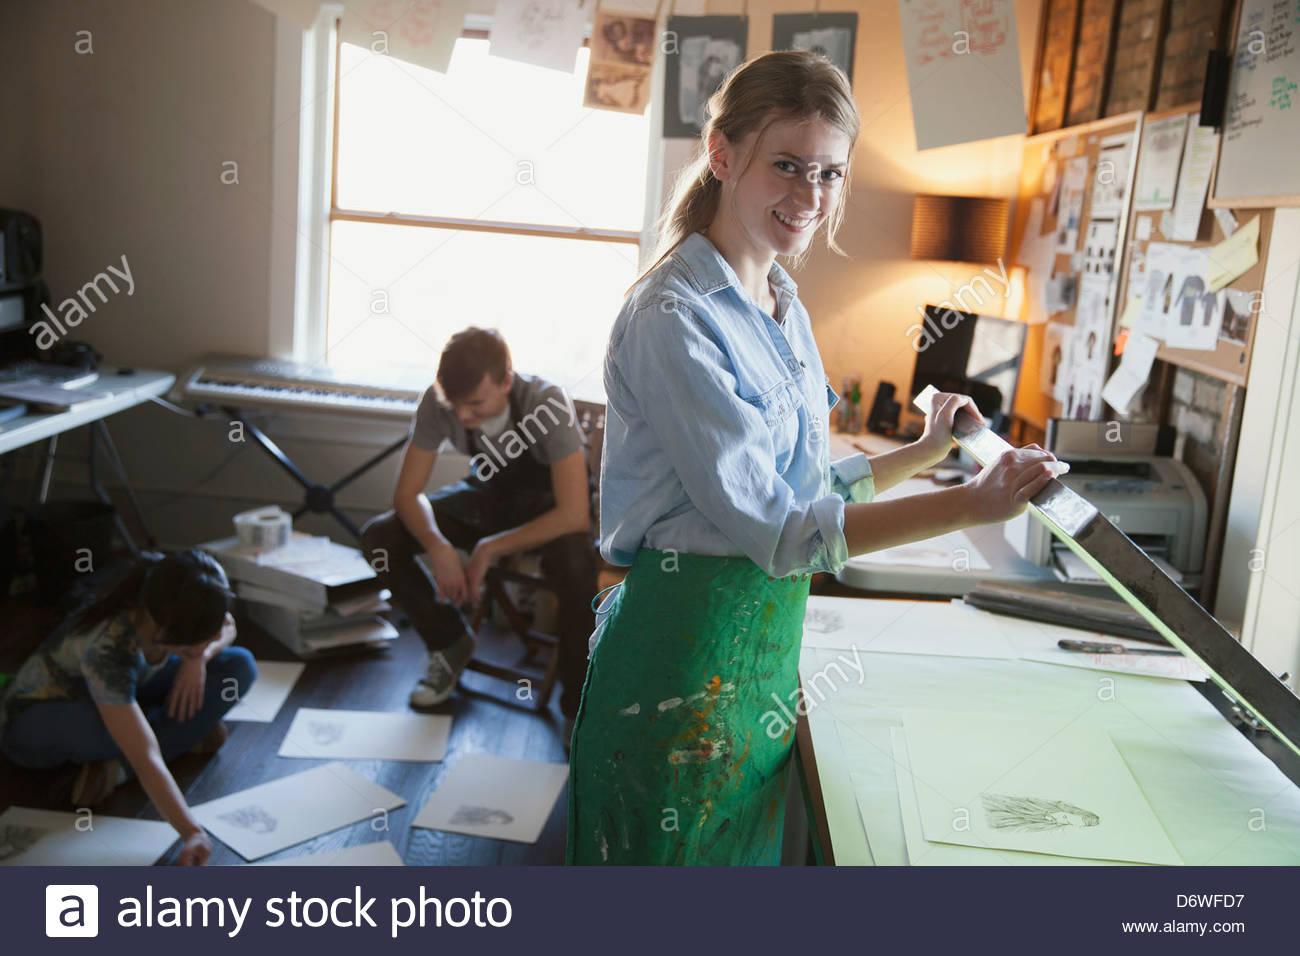 Portrait de femme graveur avec des collègues travaillant en arrière-plan Photo Stock